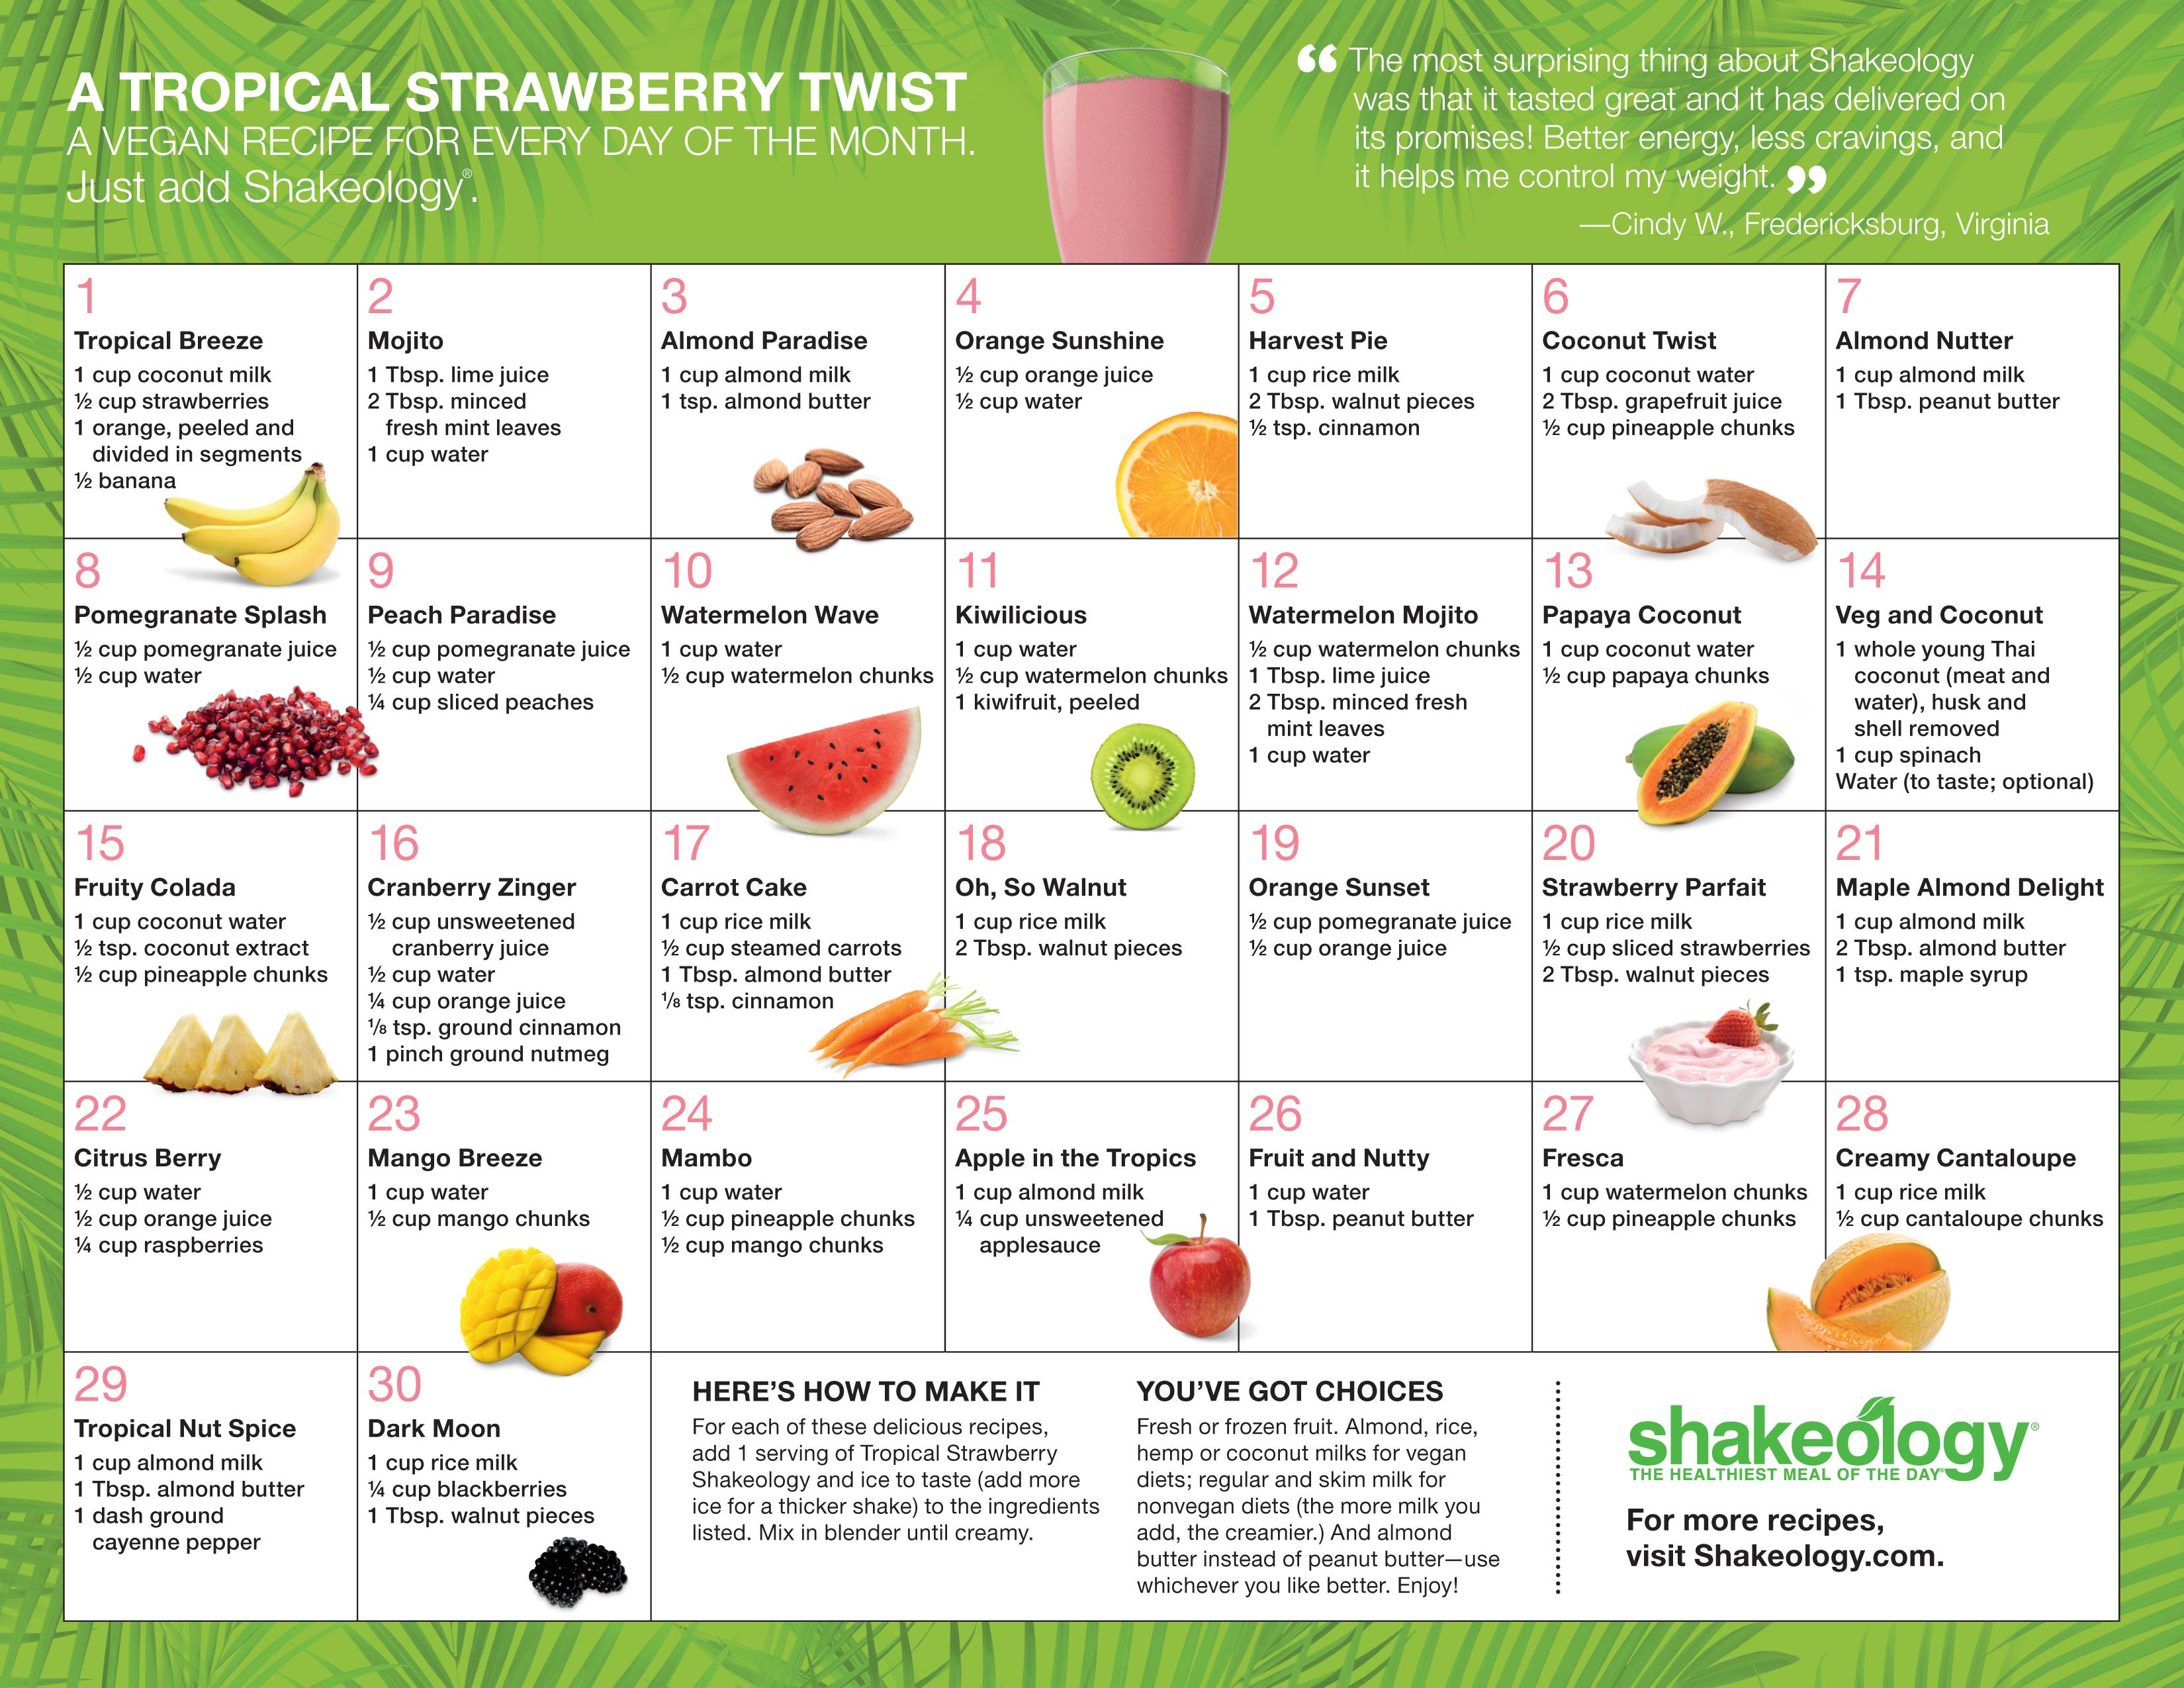 Tropical Strawberry Calendar #1